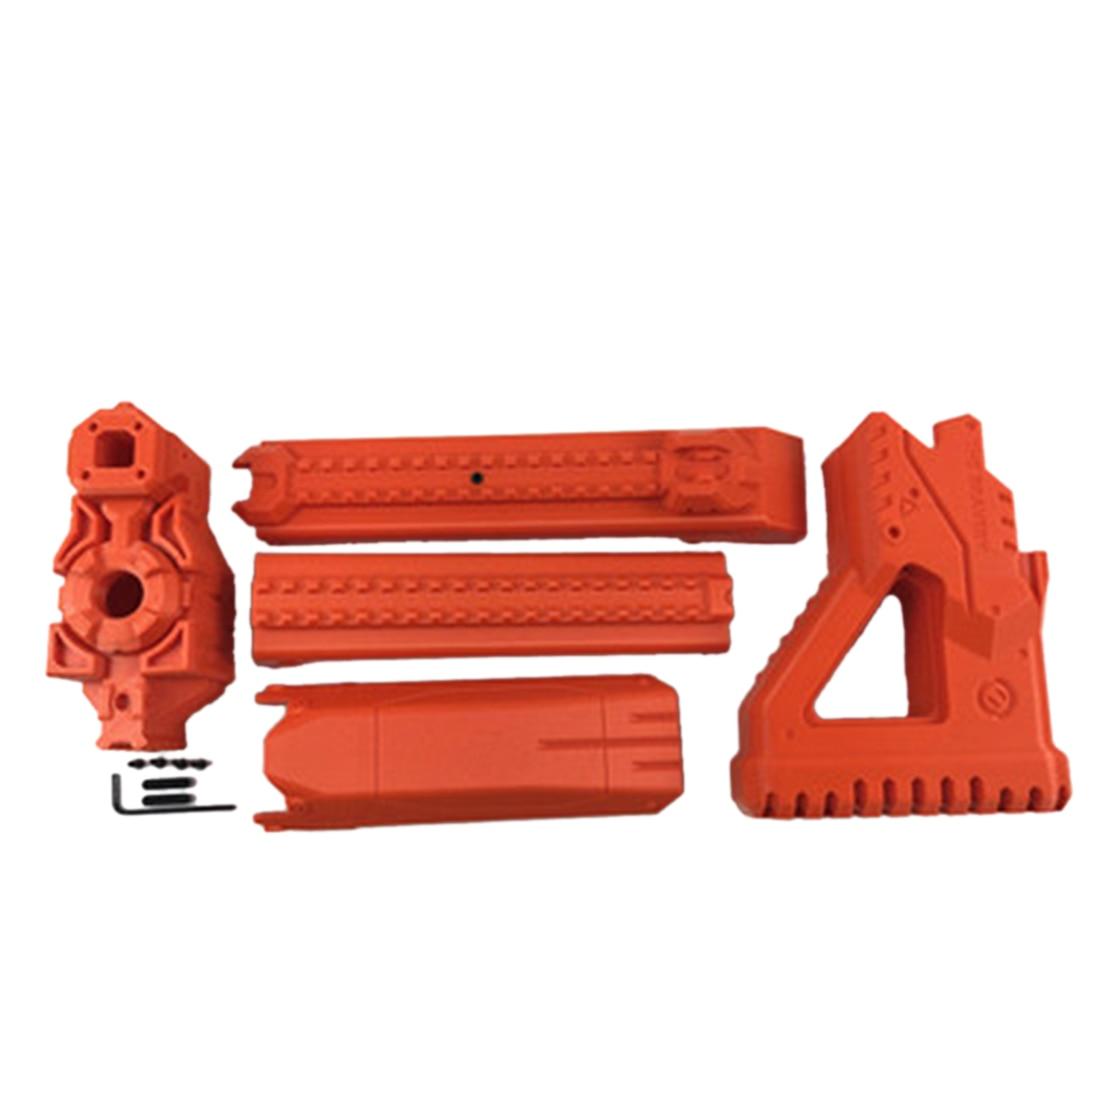 ML Un Type Baril avec Stock Kits pour Nerf Zombie Grève ZED Équipe Longshot CS-12 Blaster-Orange/Noir /gris/Bleu/Rose